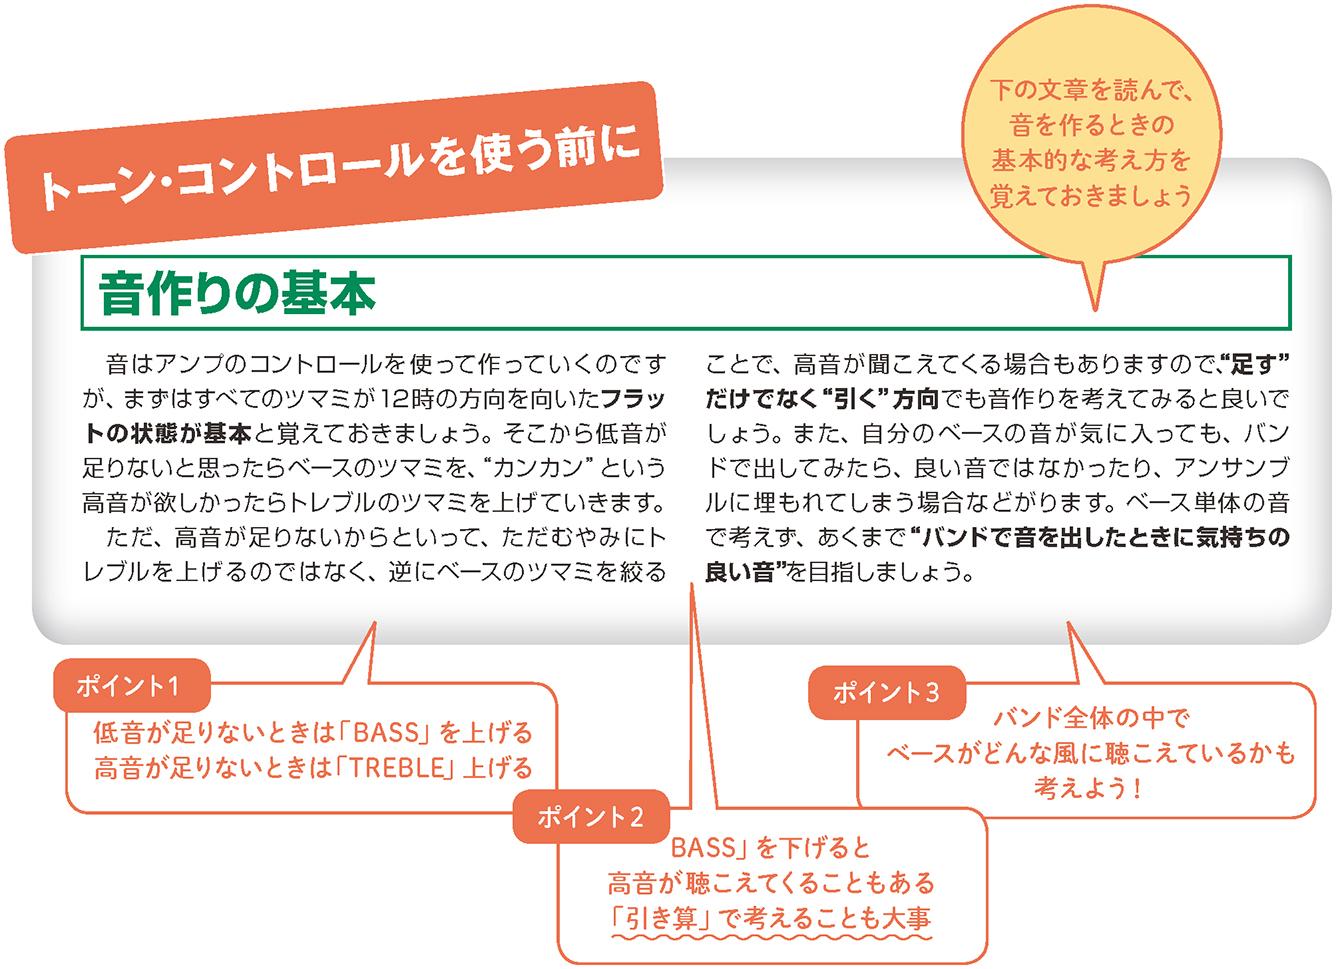 http://musicschool-navi.jp/columns/columns/assets_c/2017/keion02/keion_v2_bass_03.jpg